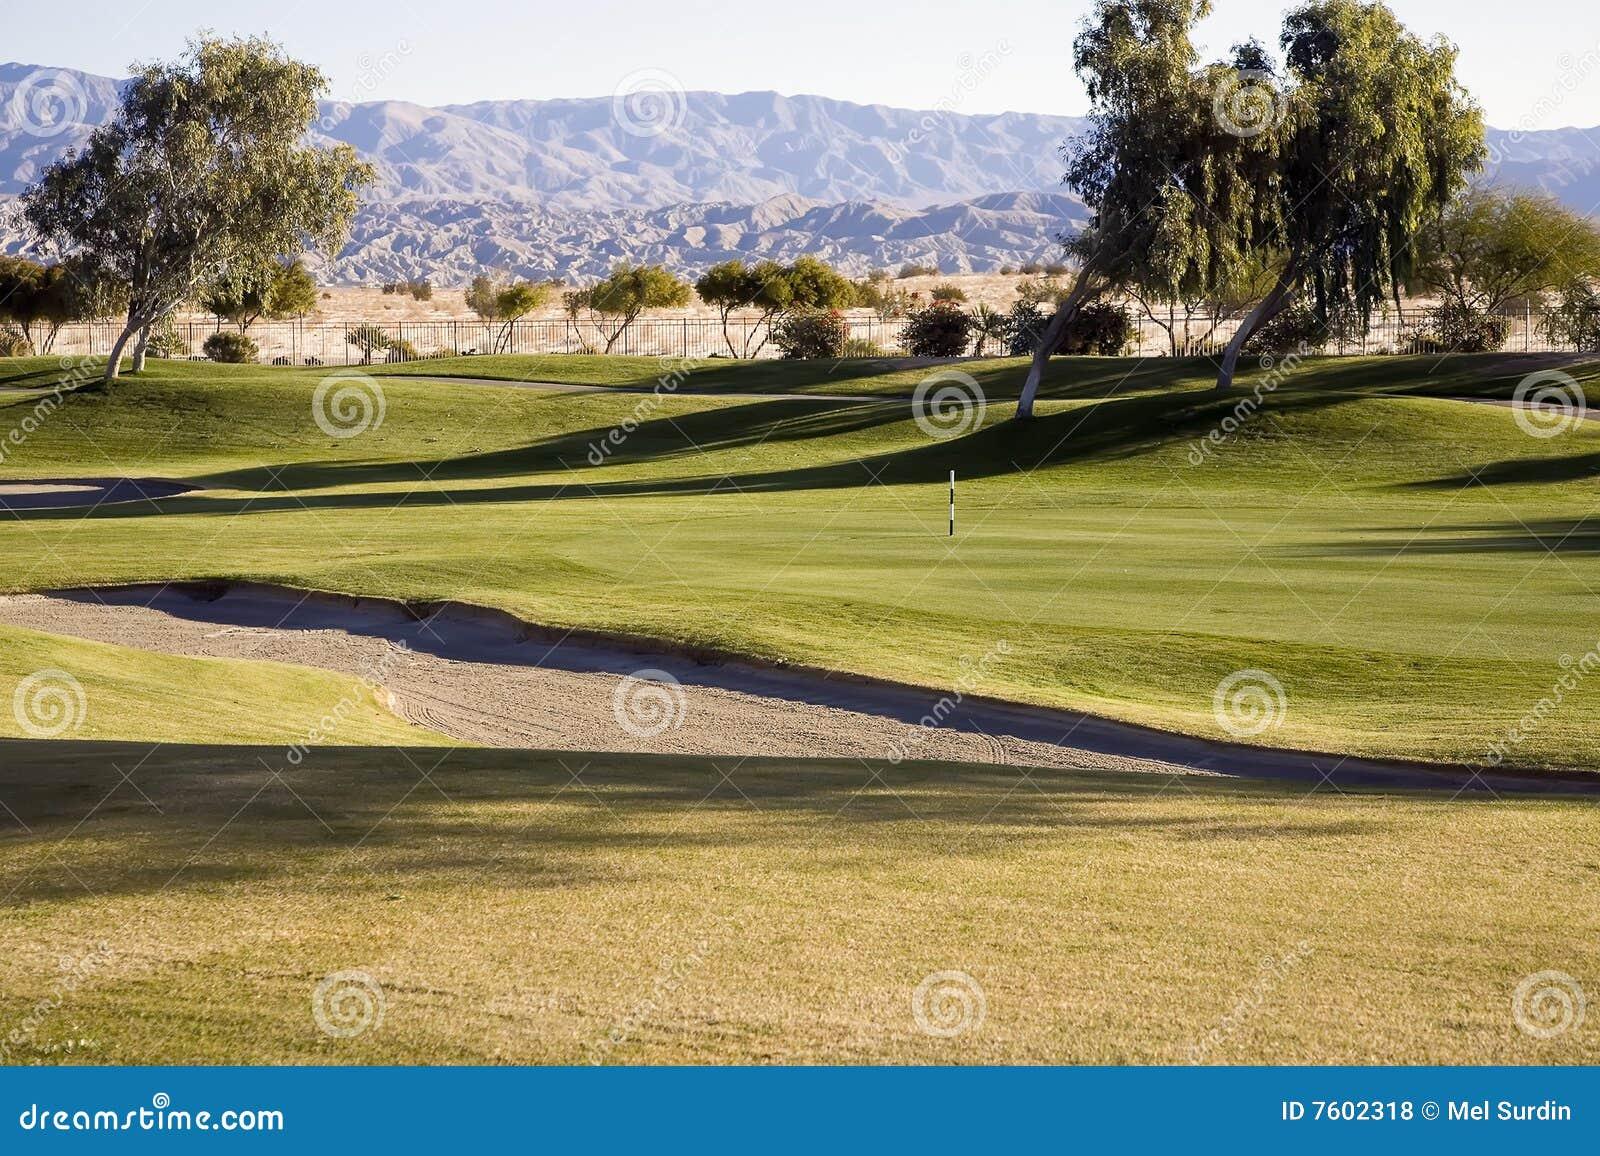 航路,砂槽,高尔夫球场